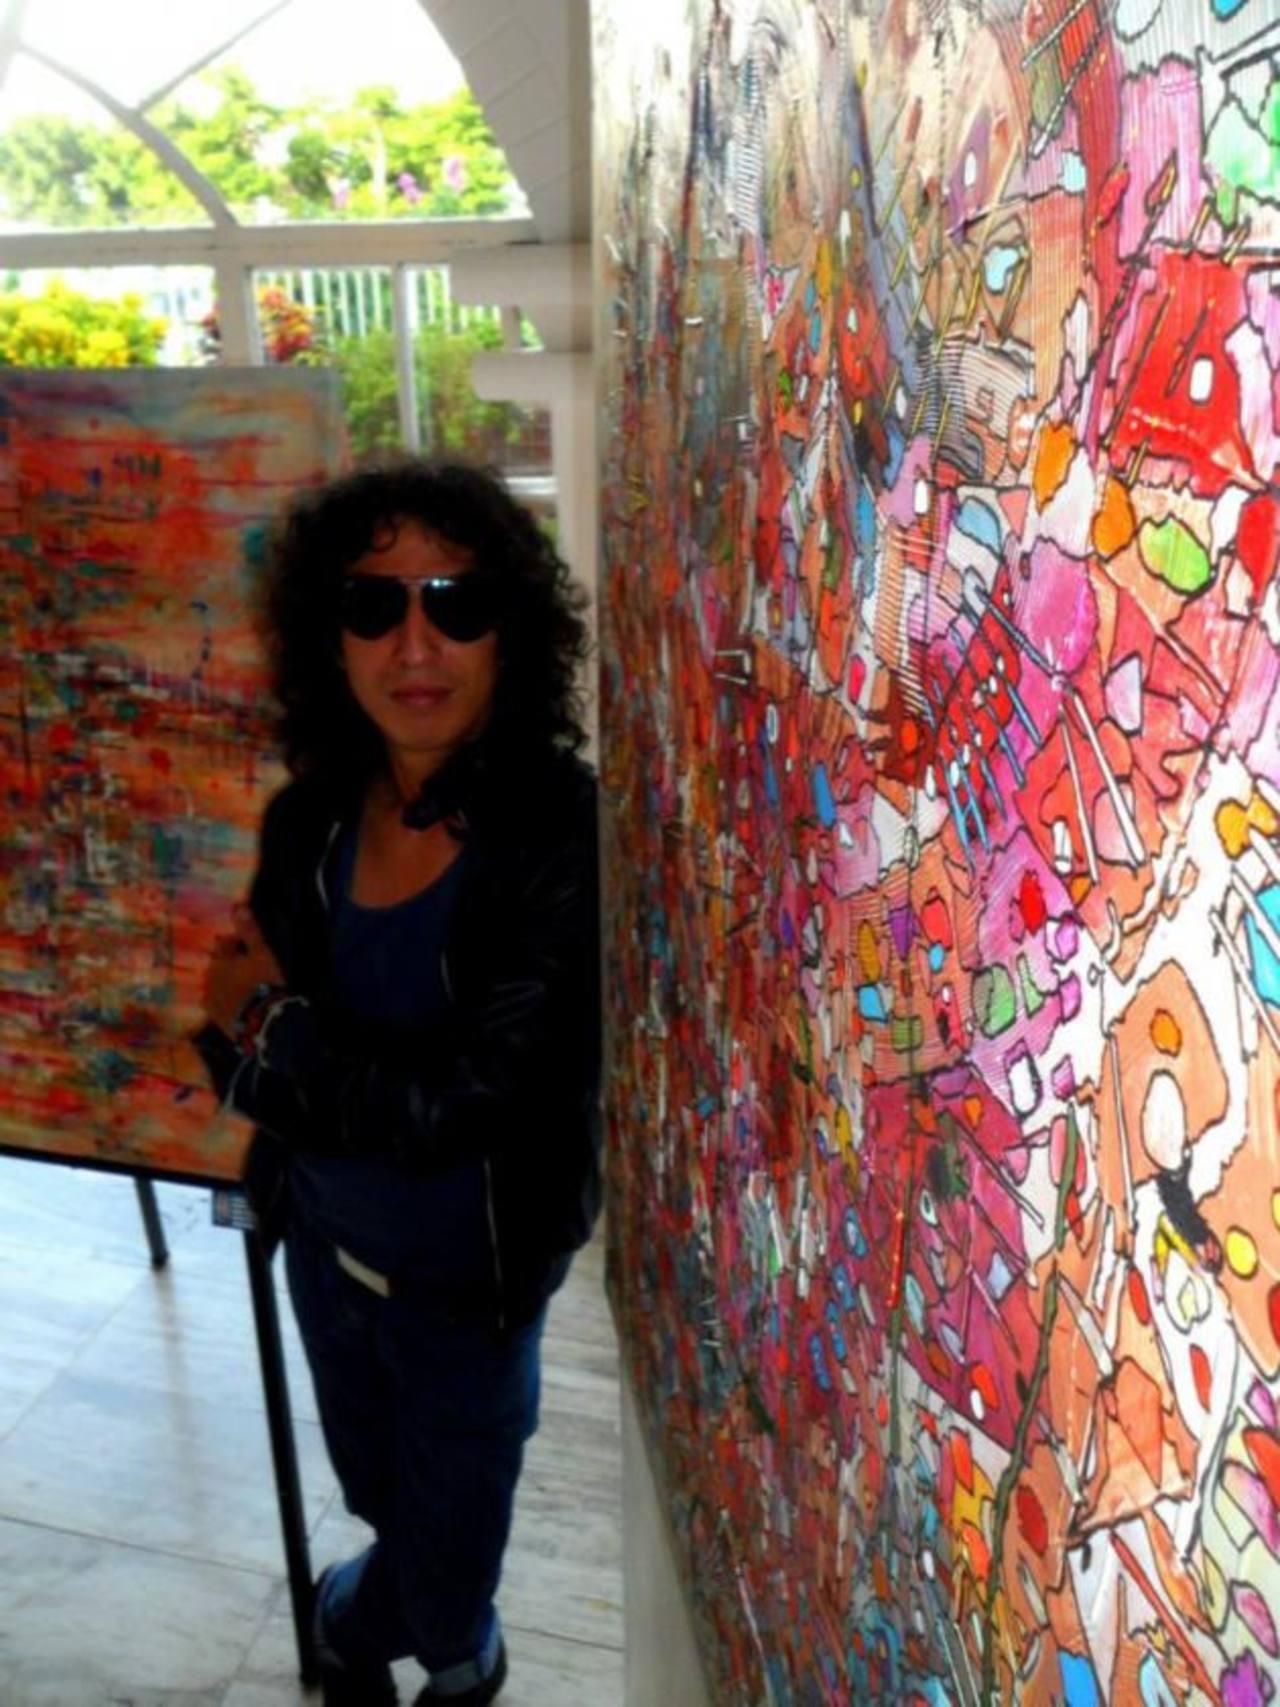 López es una promesa en las artes plásticas en El Salvador con una propuesta de trabajo fresca y dinámica.